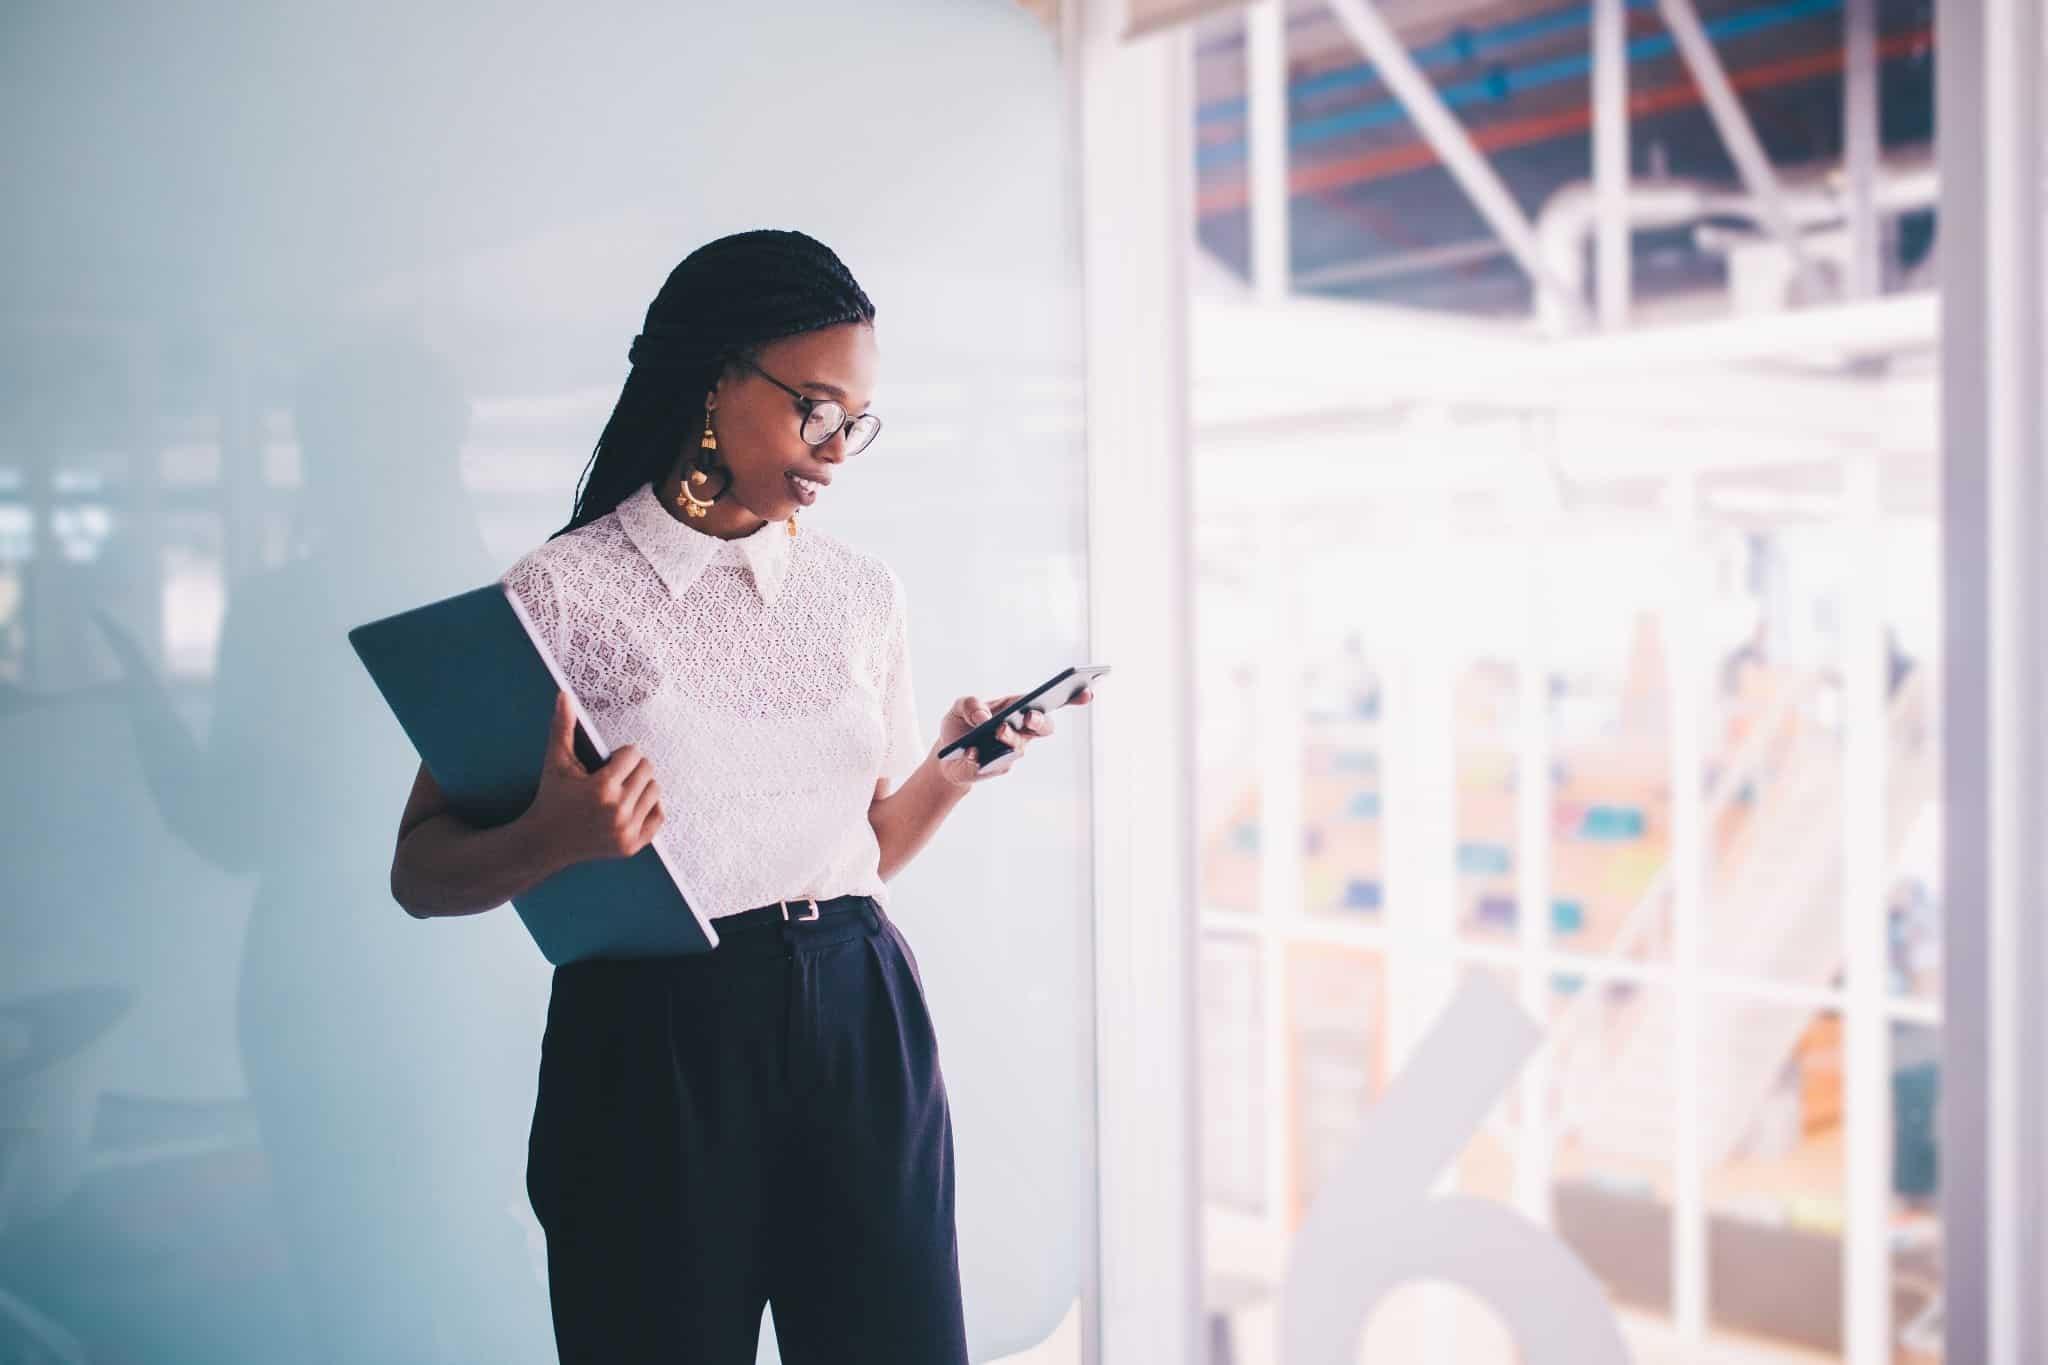 jovem mulher num escritório a segurar um telemóvel e uma pasta de documentos